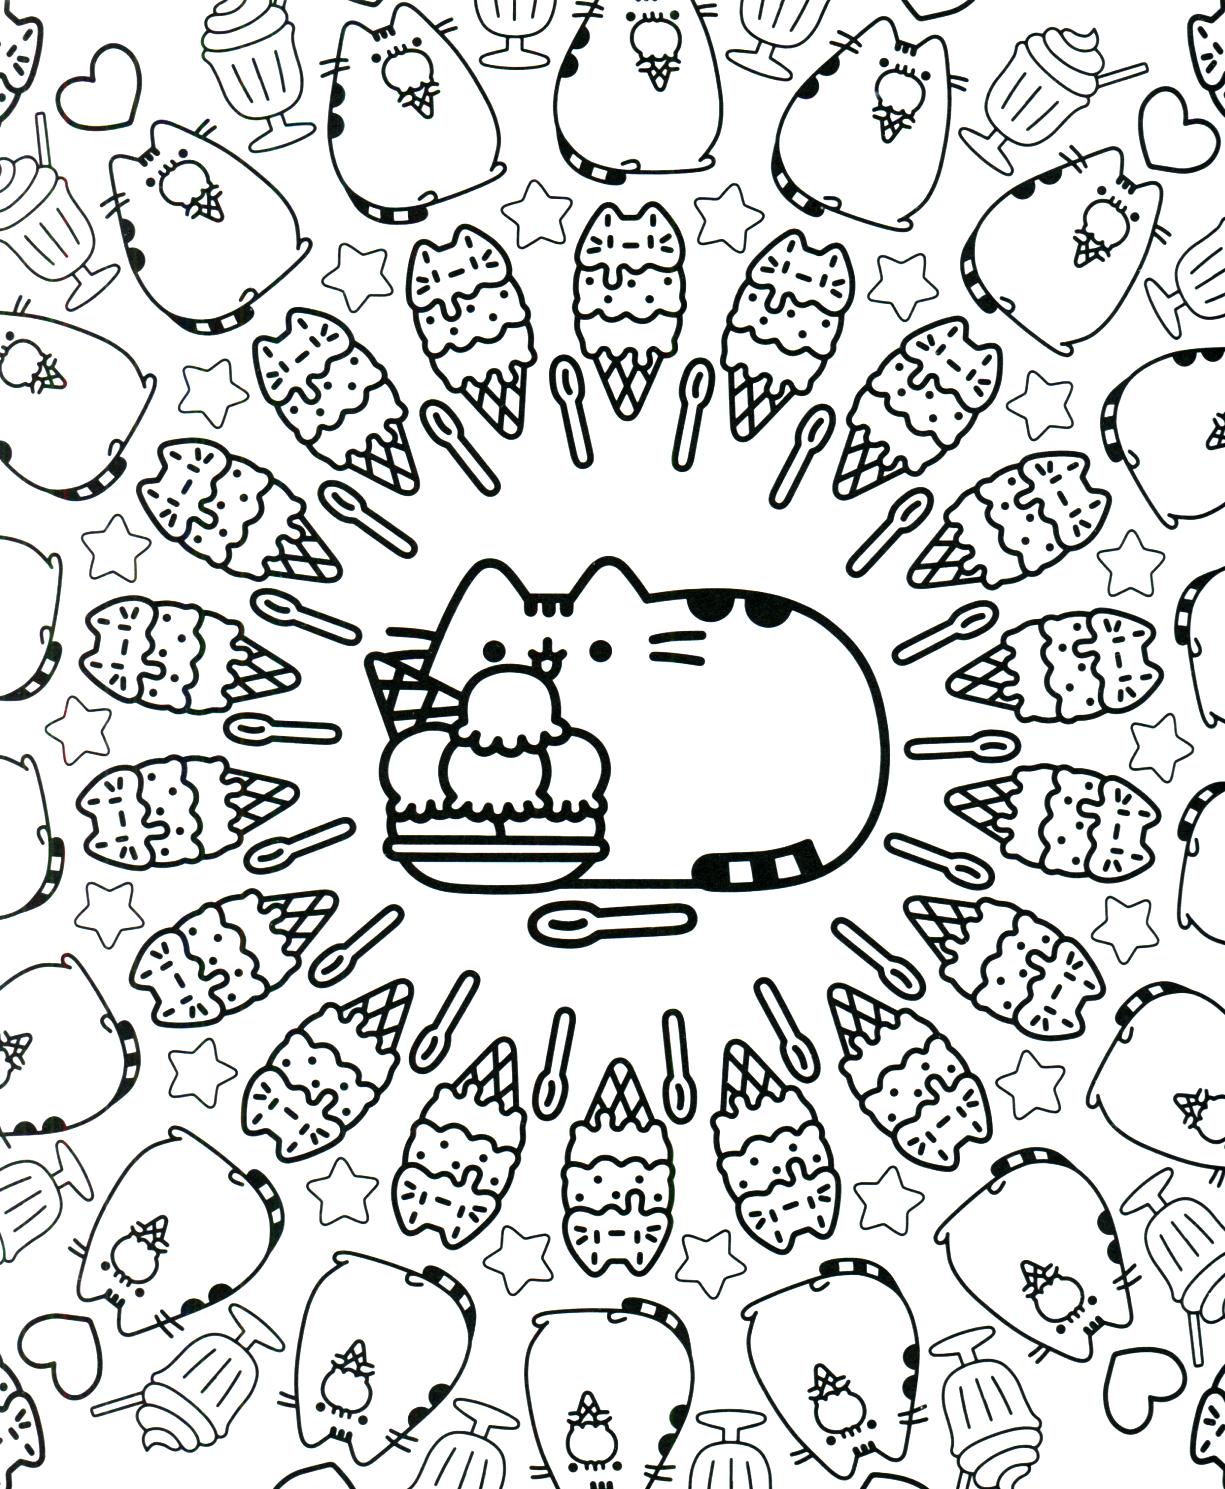 Disneys recess coloring pages - Pusheen Coloring Book Pusheen Pusheen The Cat